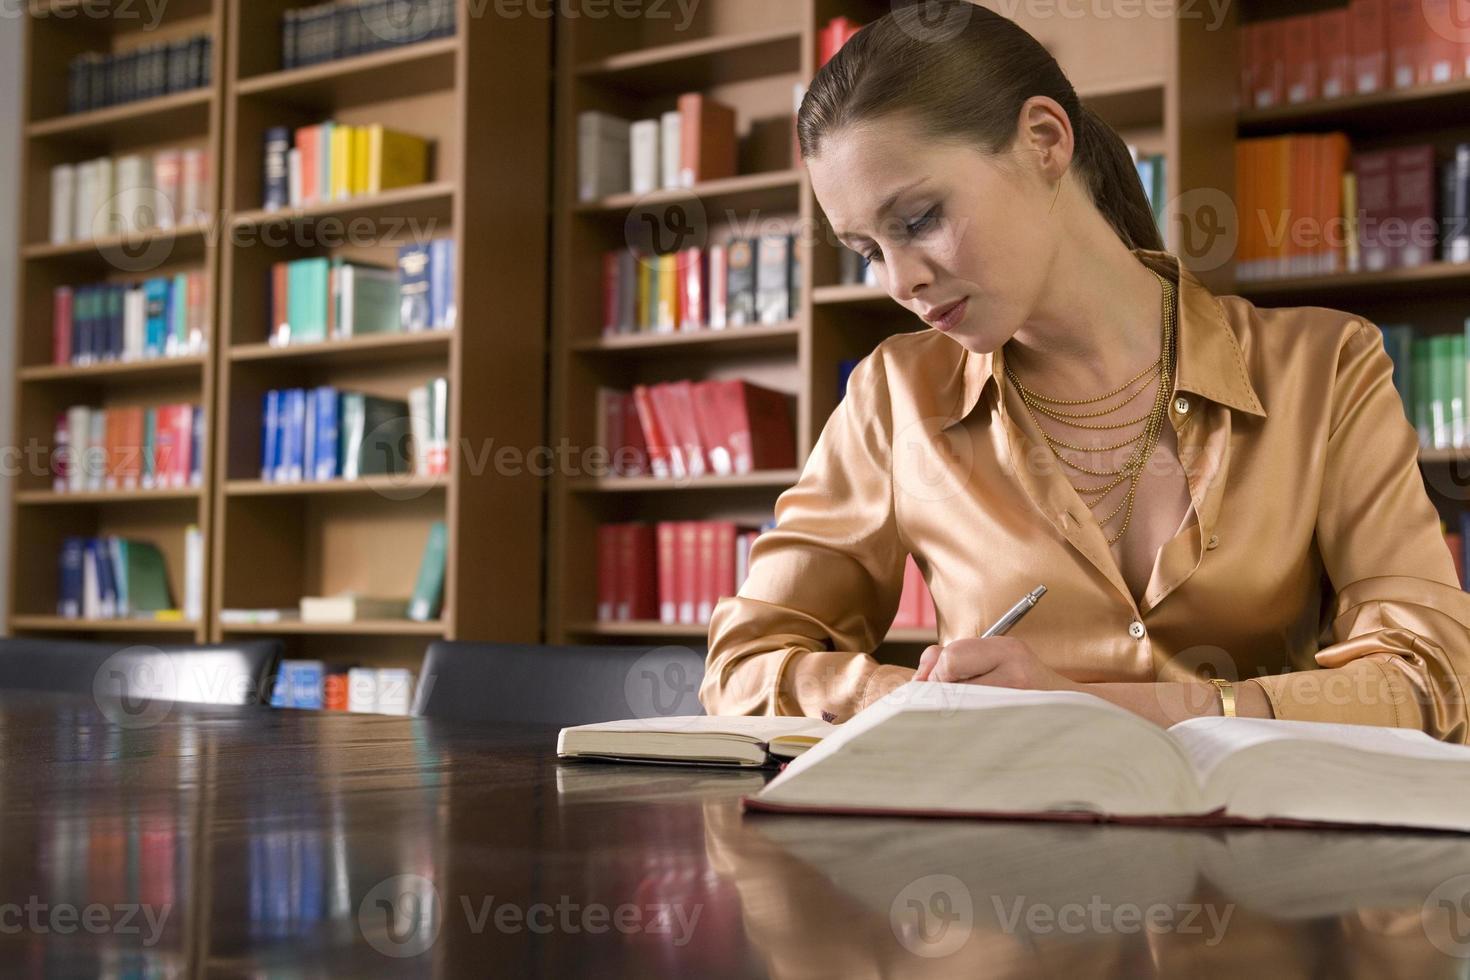 vrouw studeren aan balie in bibliotheek foto